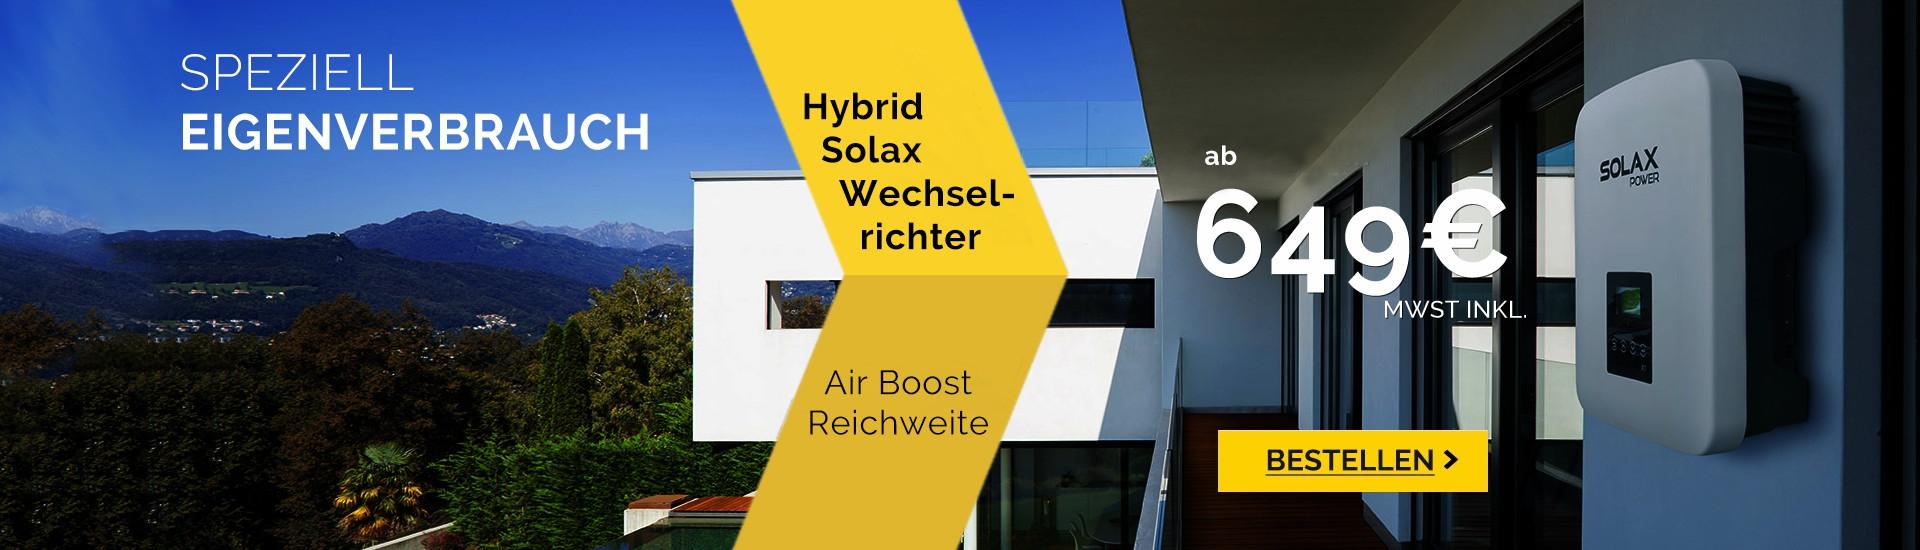 Solar wechselrichter-hybrid solax X1 air boost